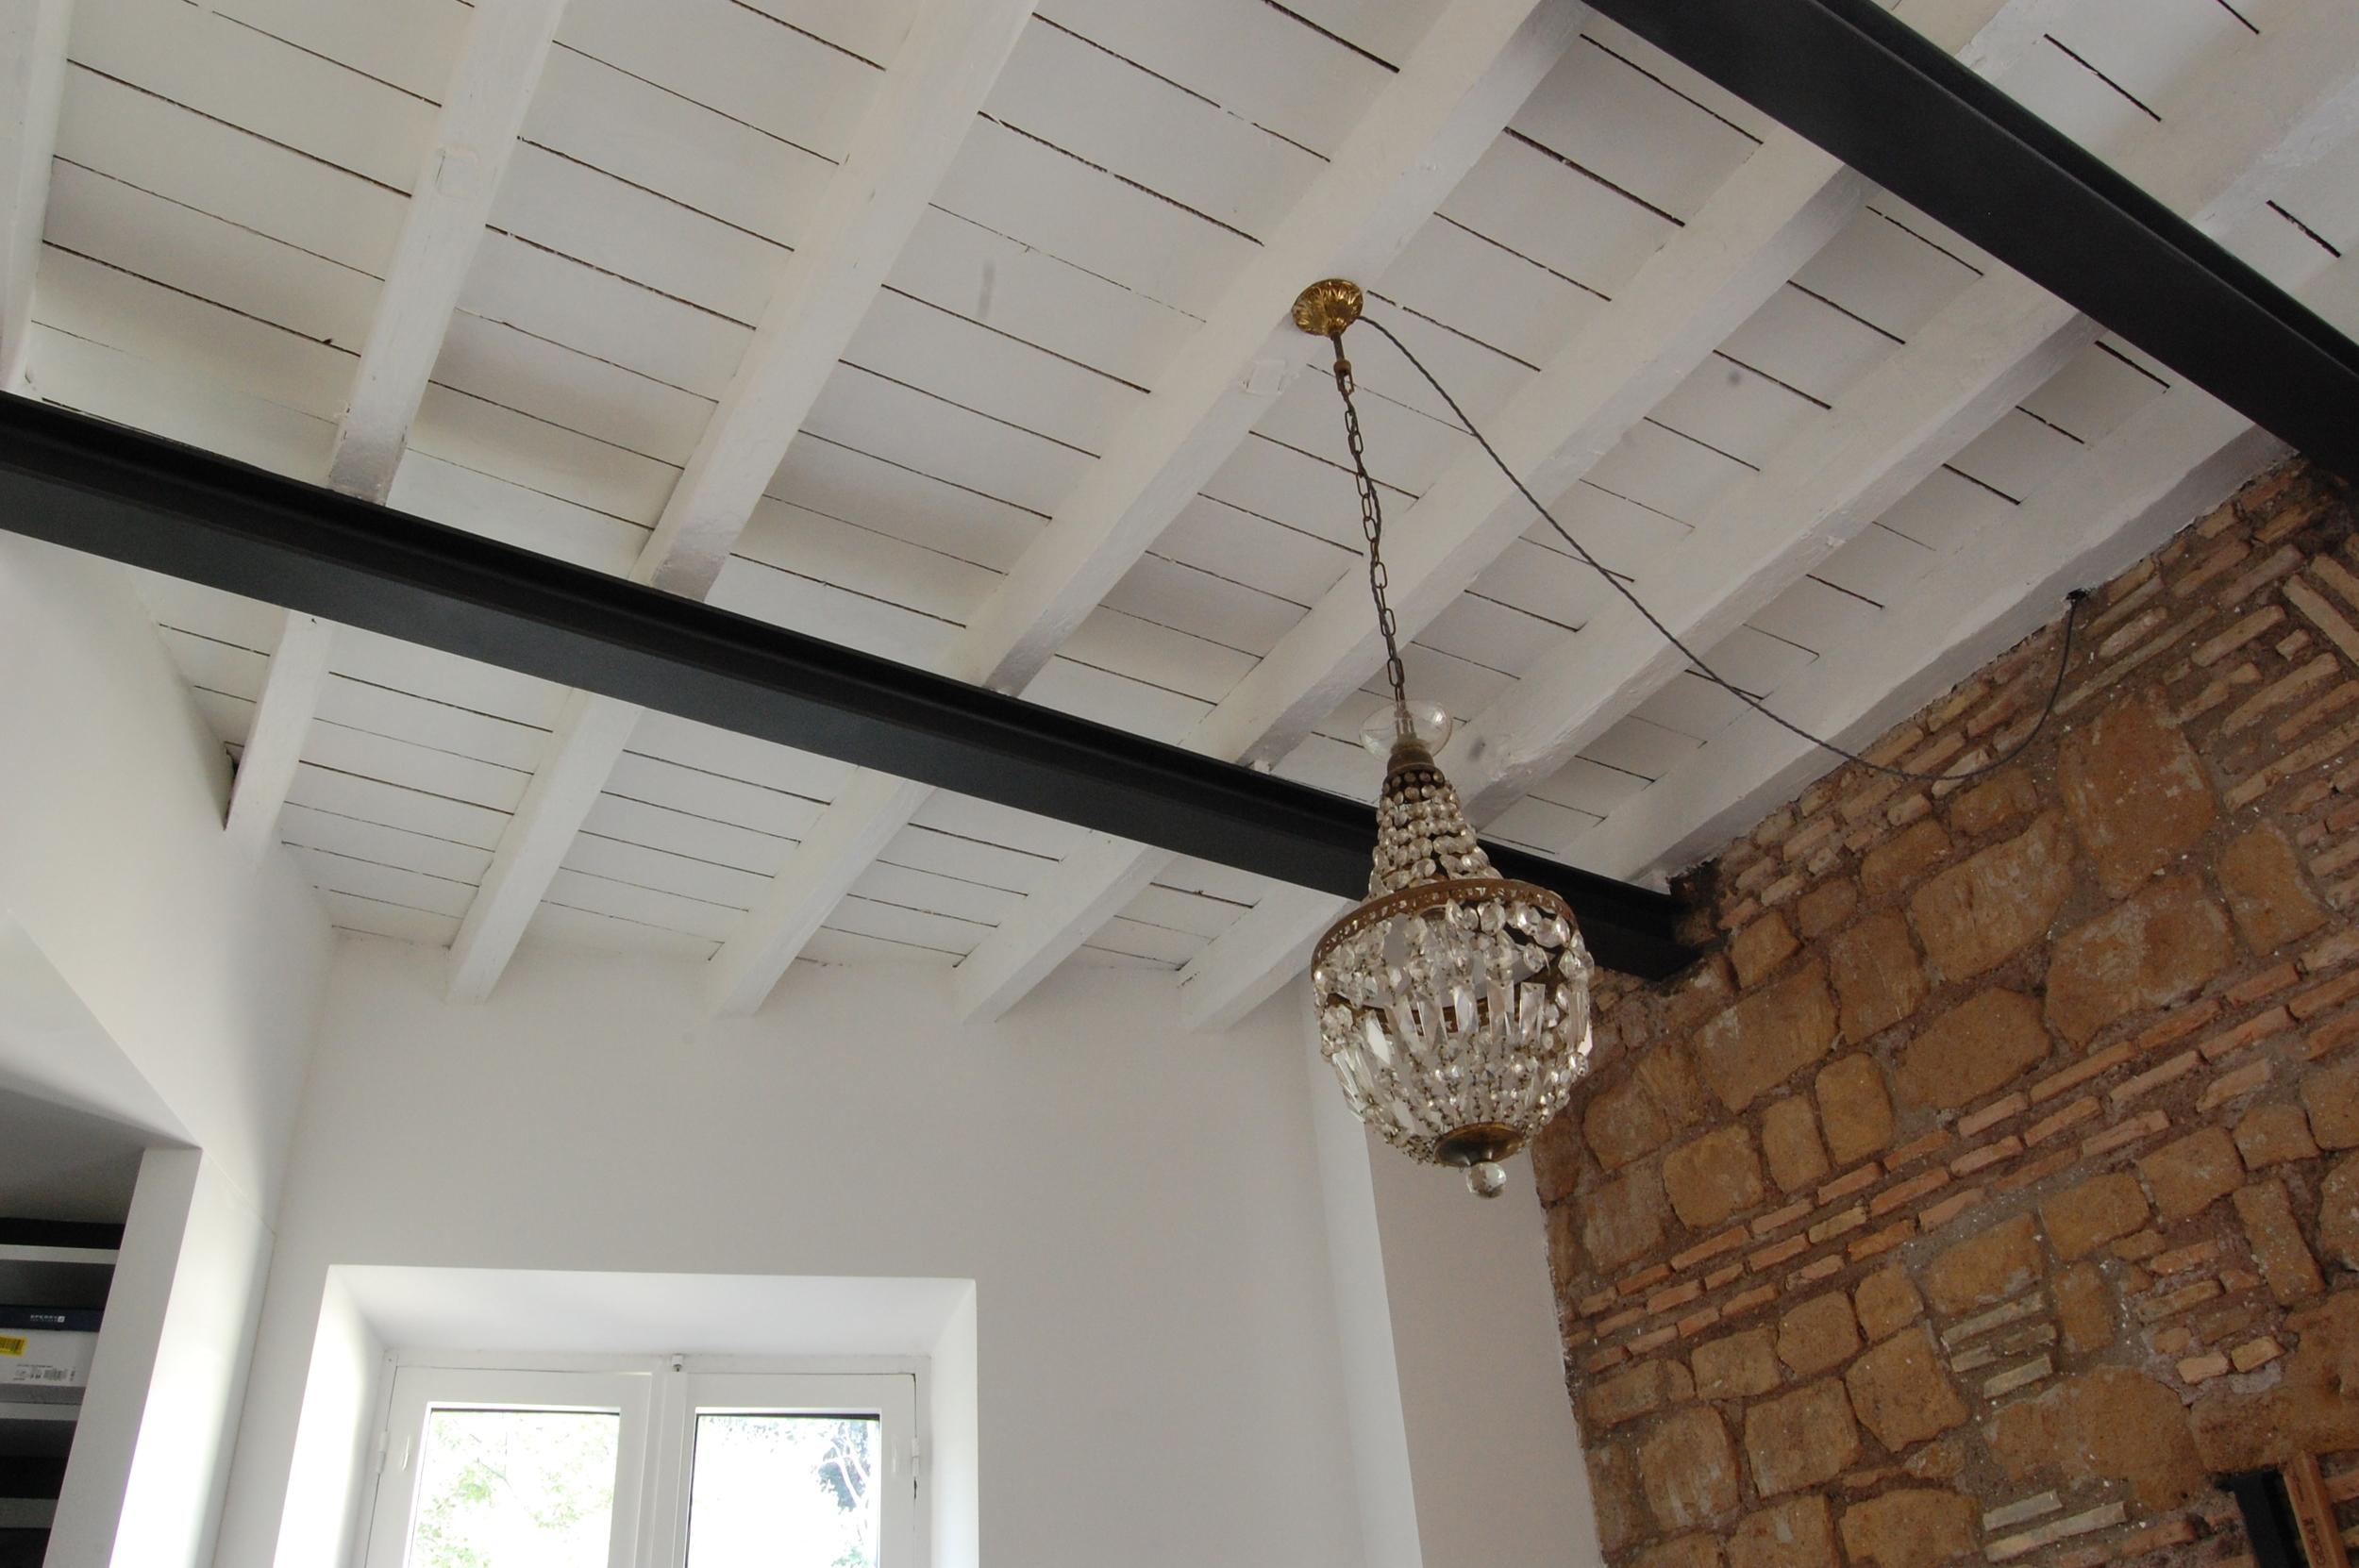 Muratura in vista, travi in ferro e soffitto in legno verniciato bianco. Ambientazione calda e tonalità decise caratterizzano tutta la casa, anche la camera da letto.